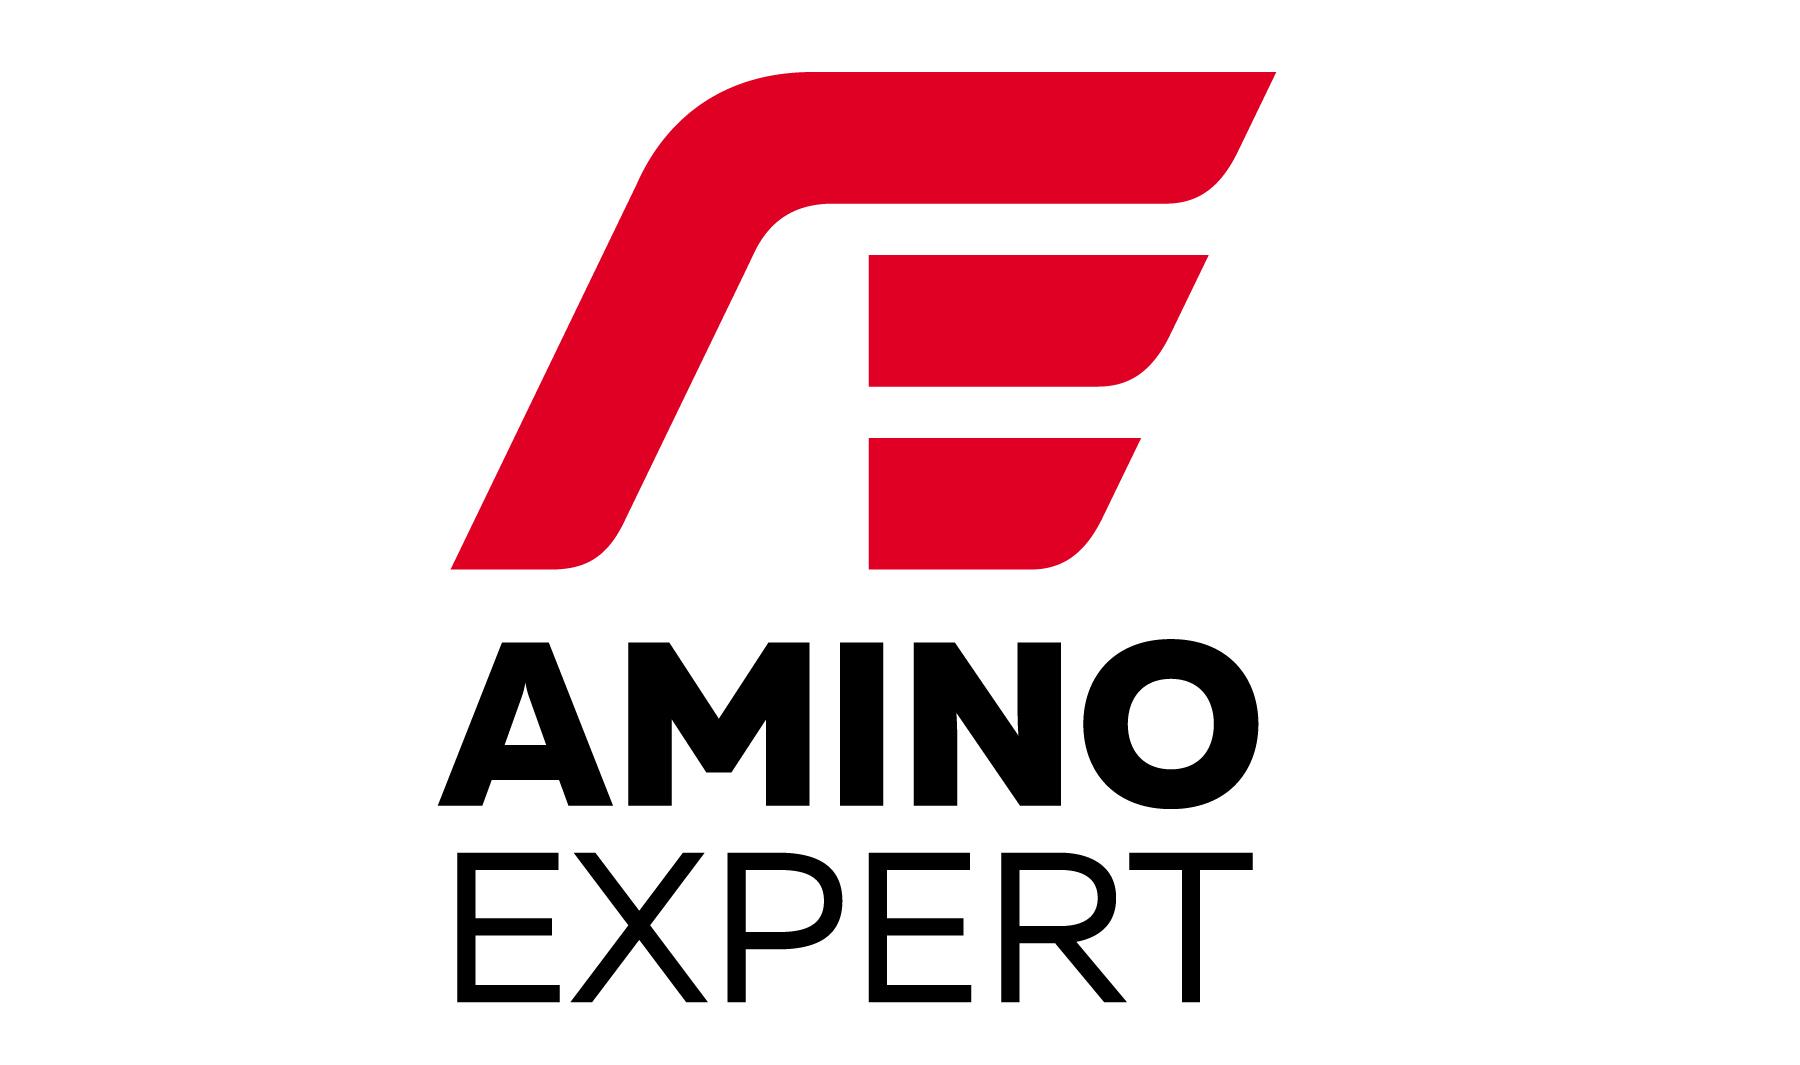 Търговска марка Amino Expert.